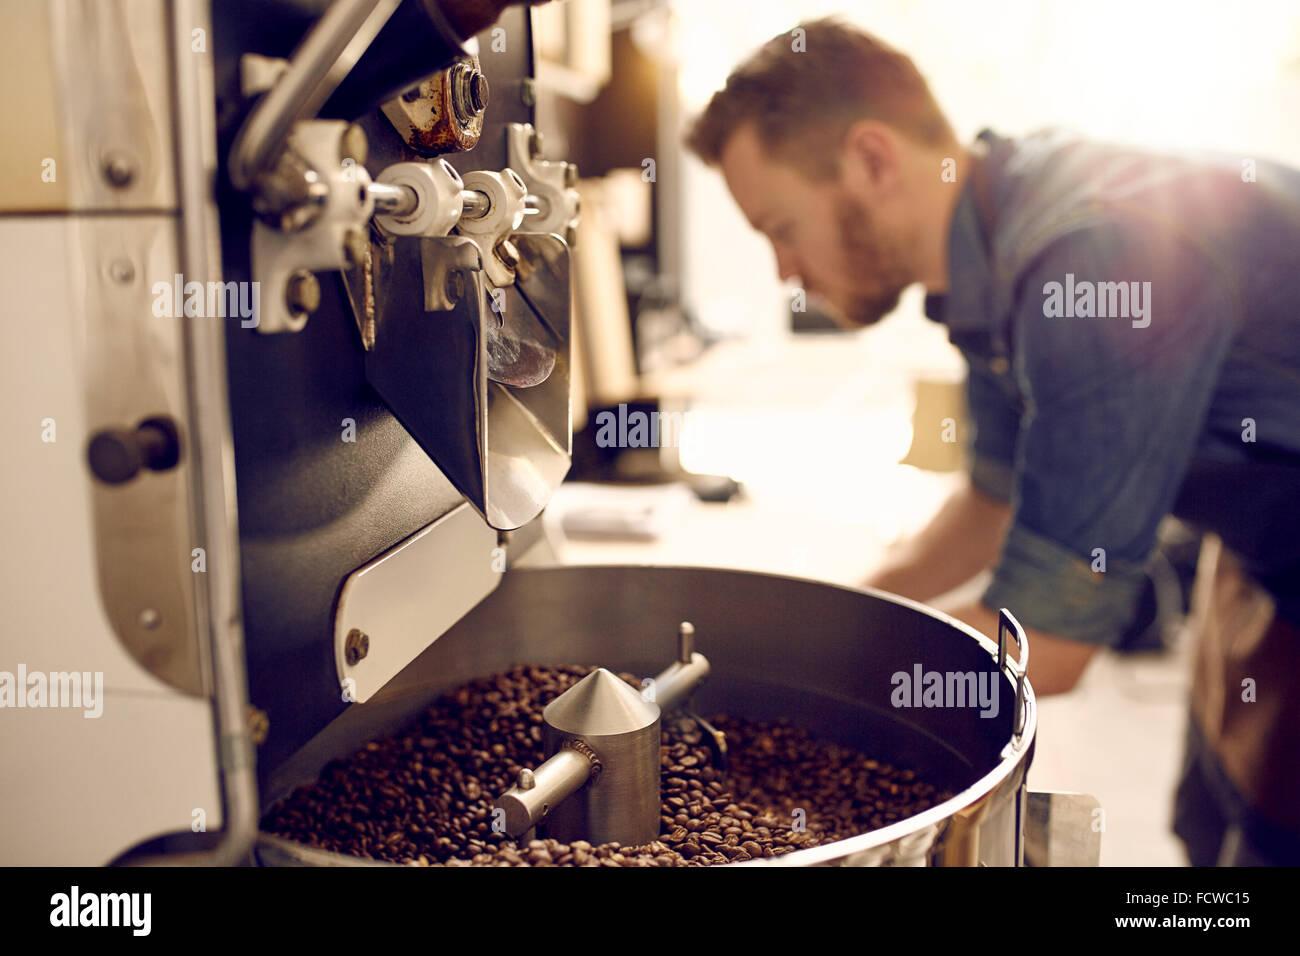 Frisch gerösteten Kaffeebohnen in eine moderne Maschine Stockbild